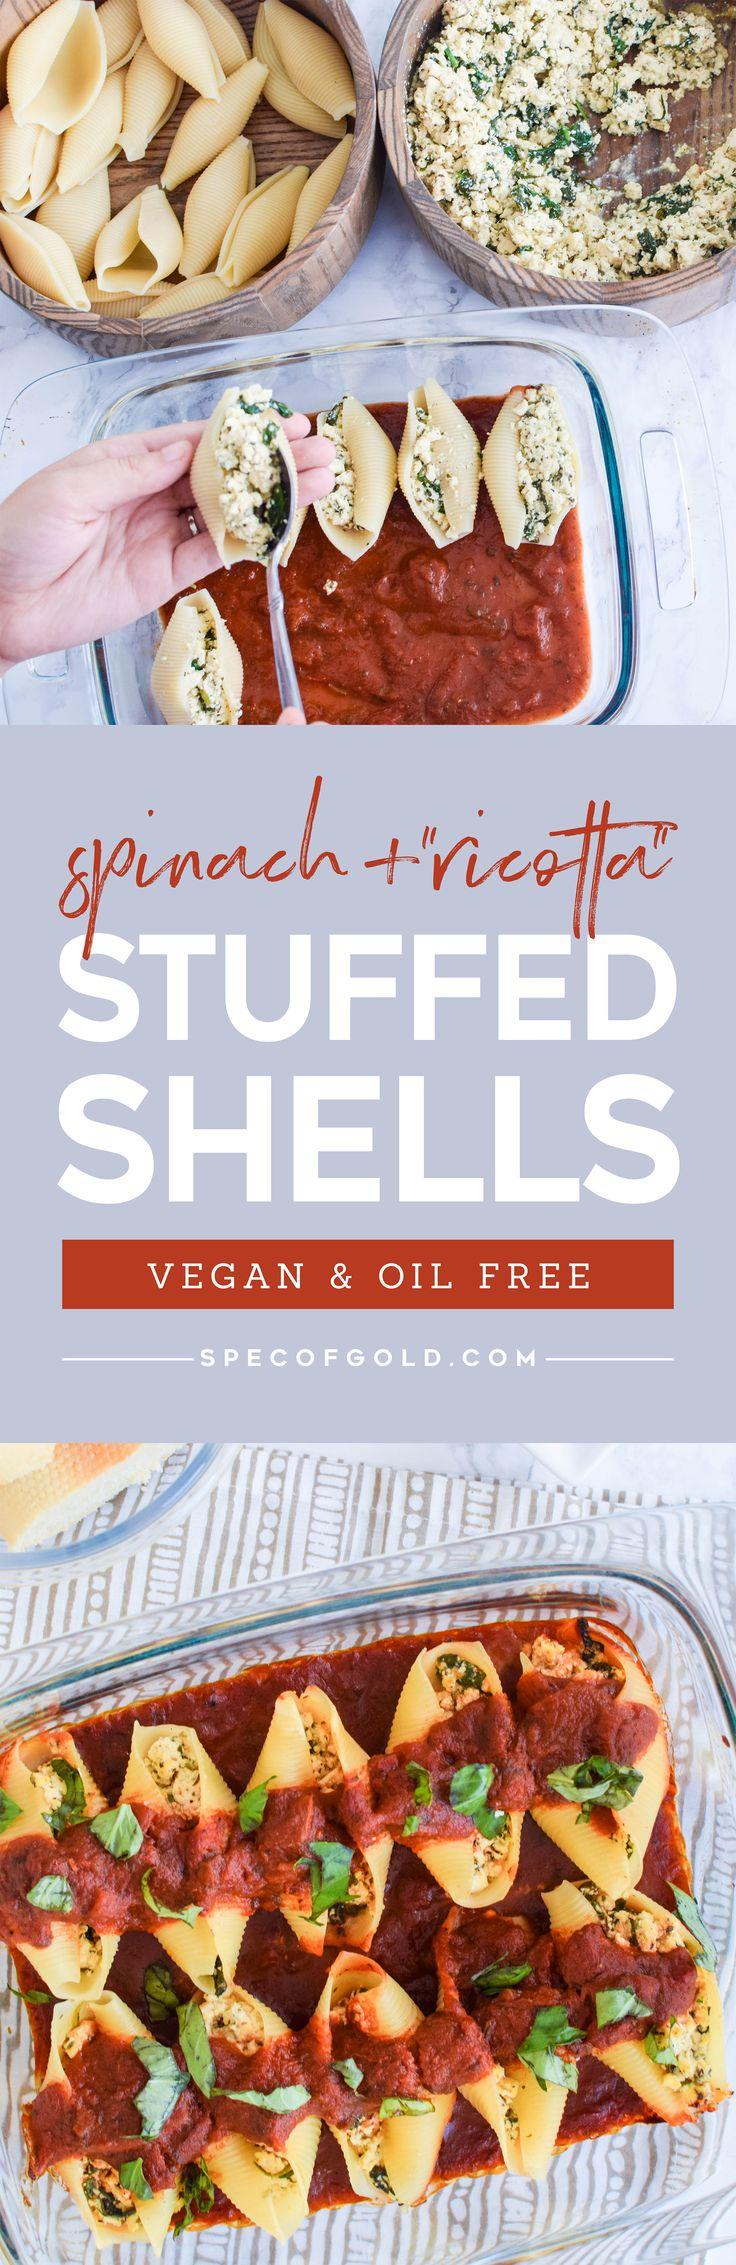 Vegan Stuffed Shells / Easy Cheap Vegan Dinner / Spinach & Tofu Ricotta Stuffed Shells / Plant Based Dinner / Oil-Free Dinner / HCLF